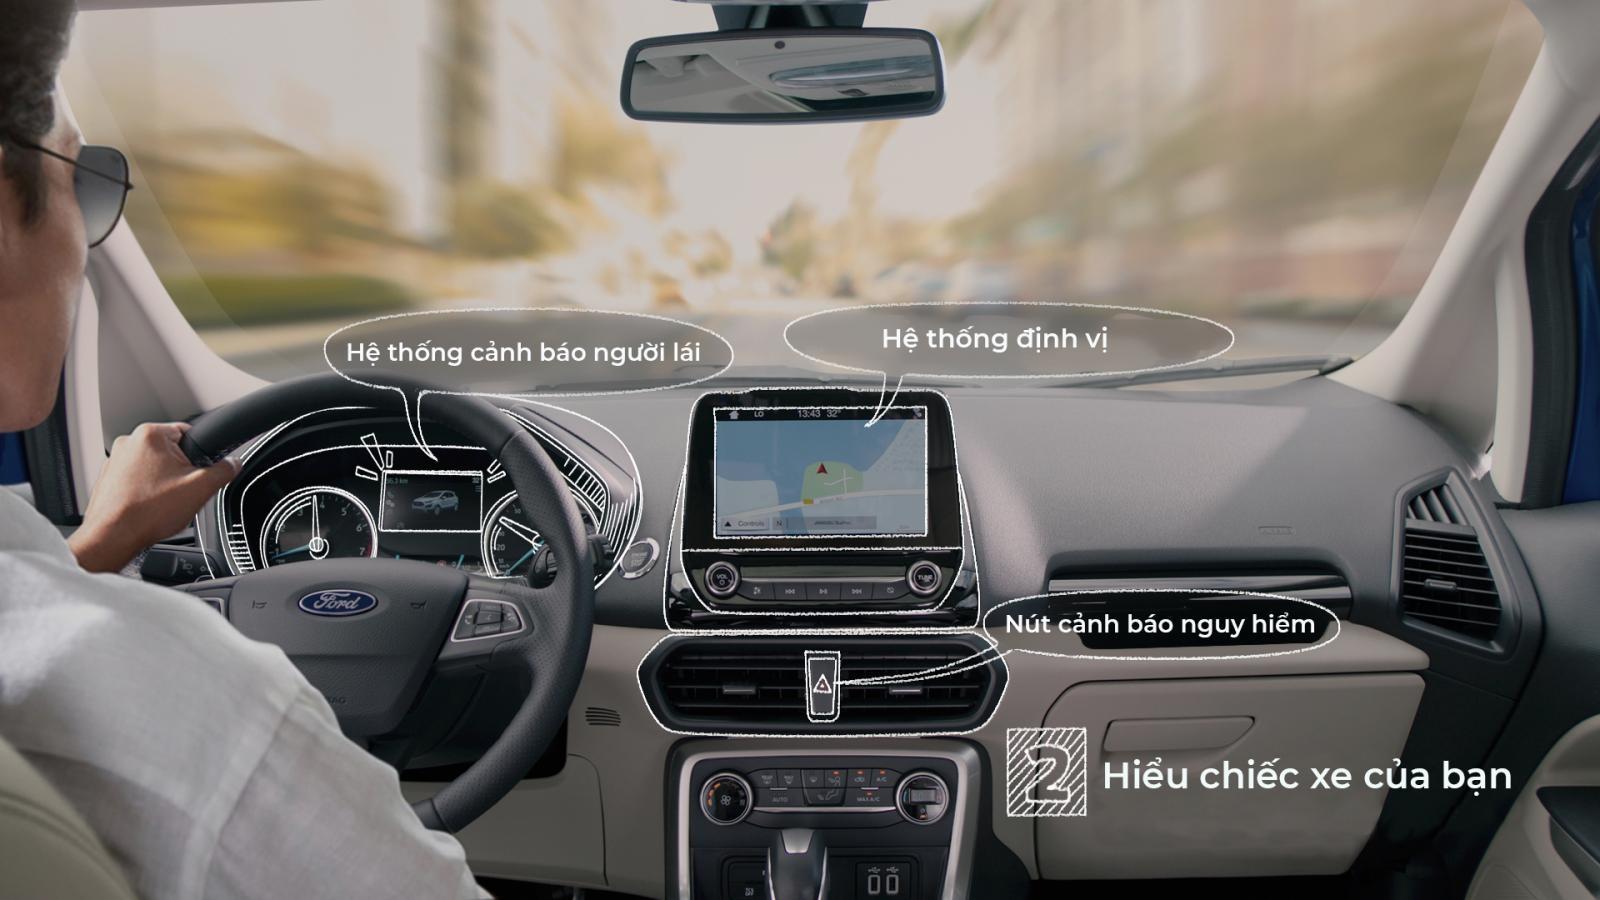 Mỗi chiếc xe sẽ có những trang bị, thiết kế khác nhau. Nên hiểu chiếc xe để không bị bỡ ngỡ.